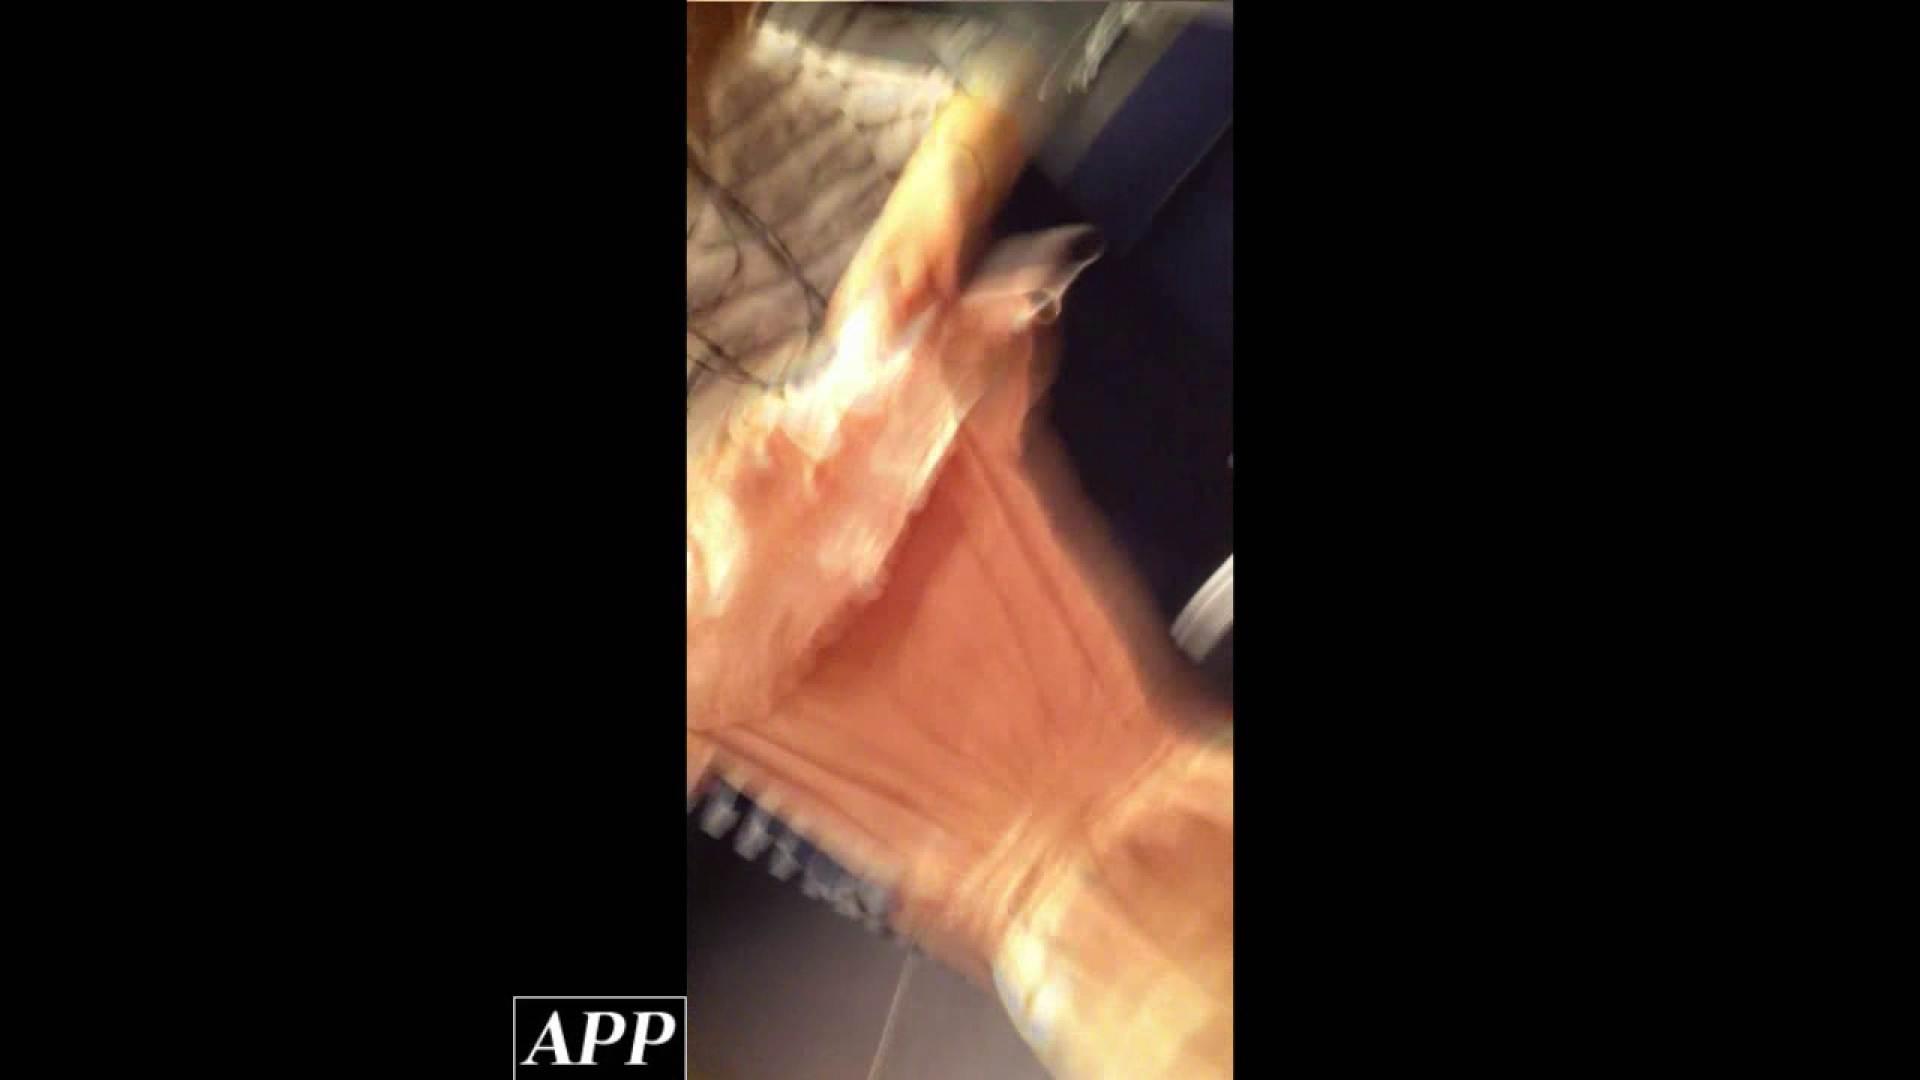 ハイビジョン盗撮!ショップ店員千人斬り!胸チラ編 vol.91 胸チラ すけべAV動画紹介 92PIX 38